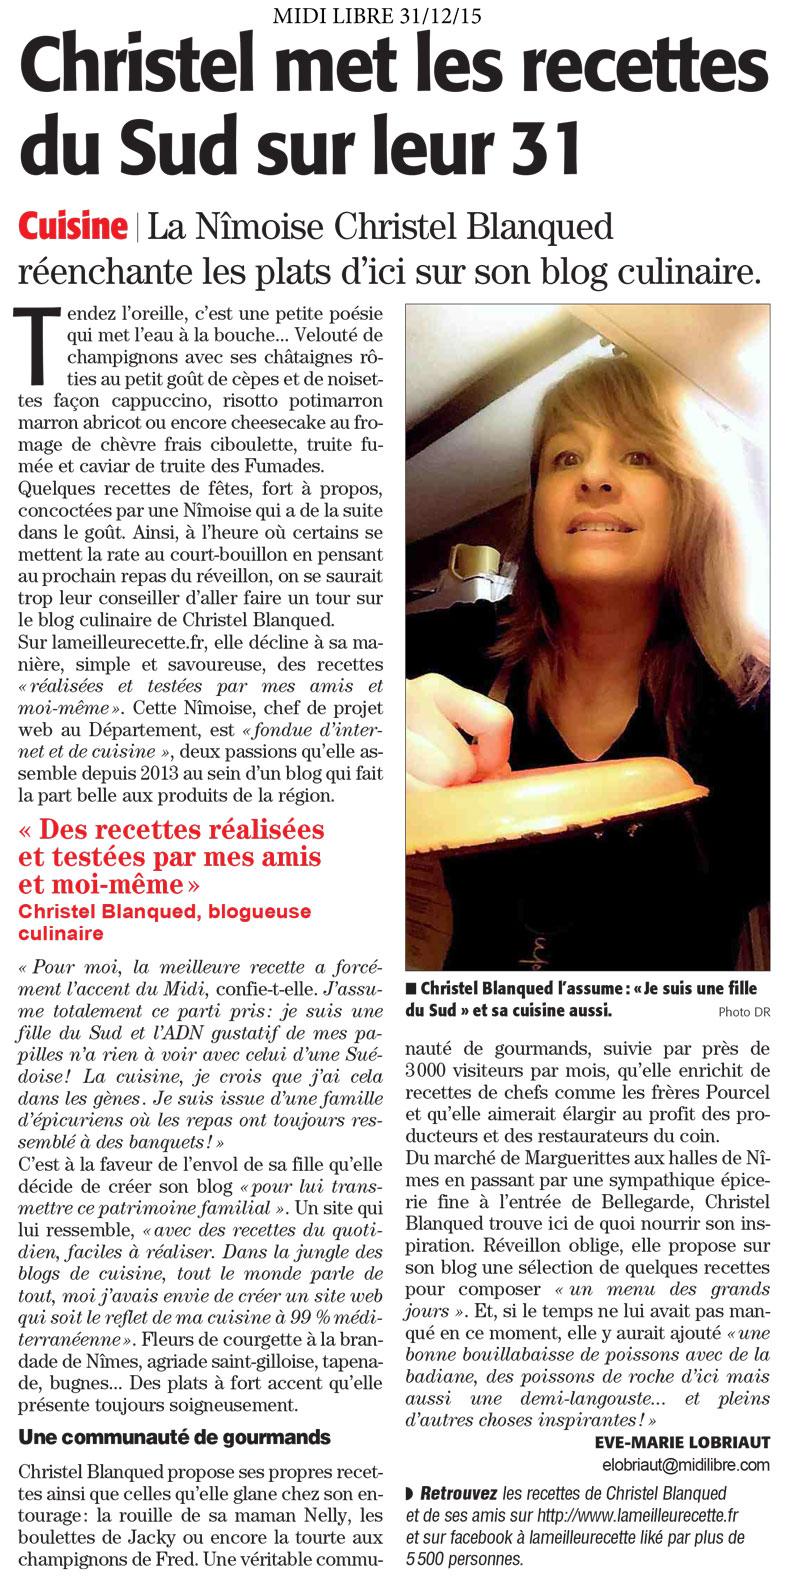 Article de midi-libre-lameilleurecette-31-12-2015